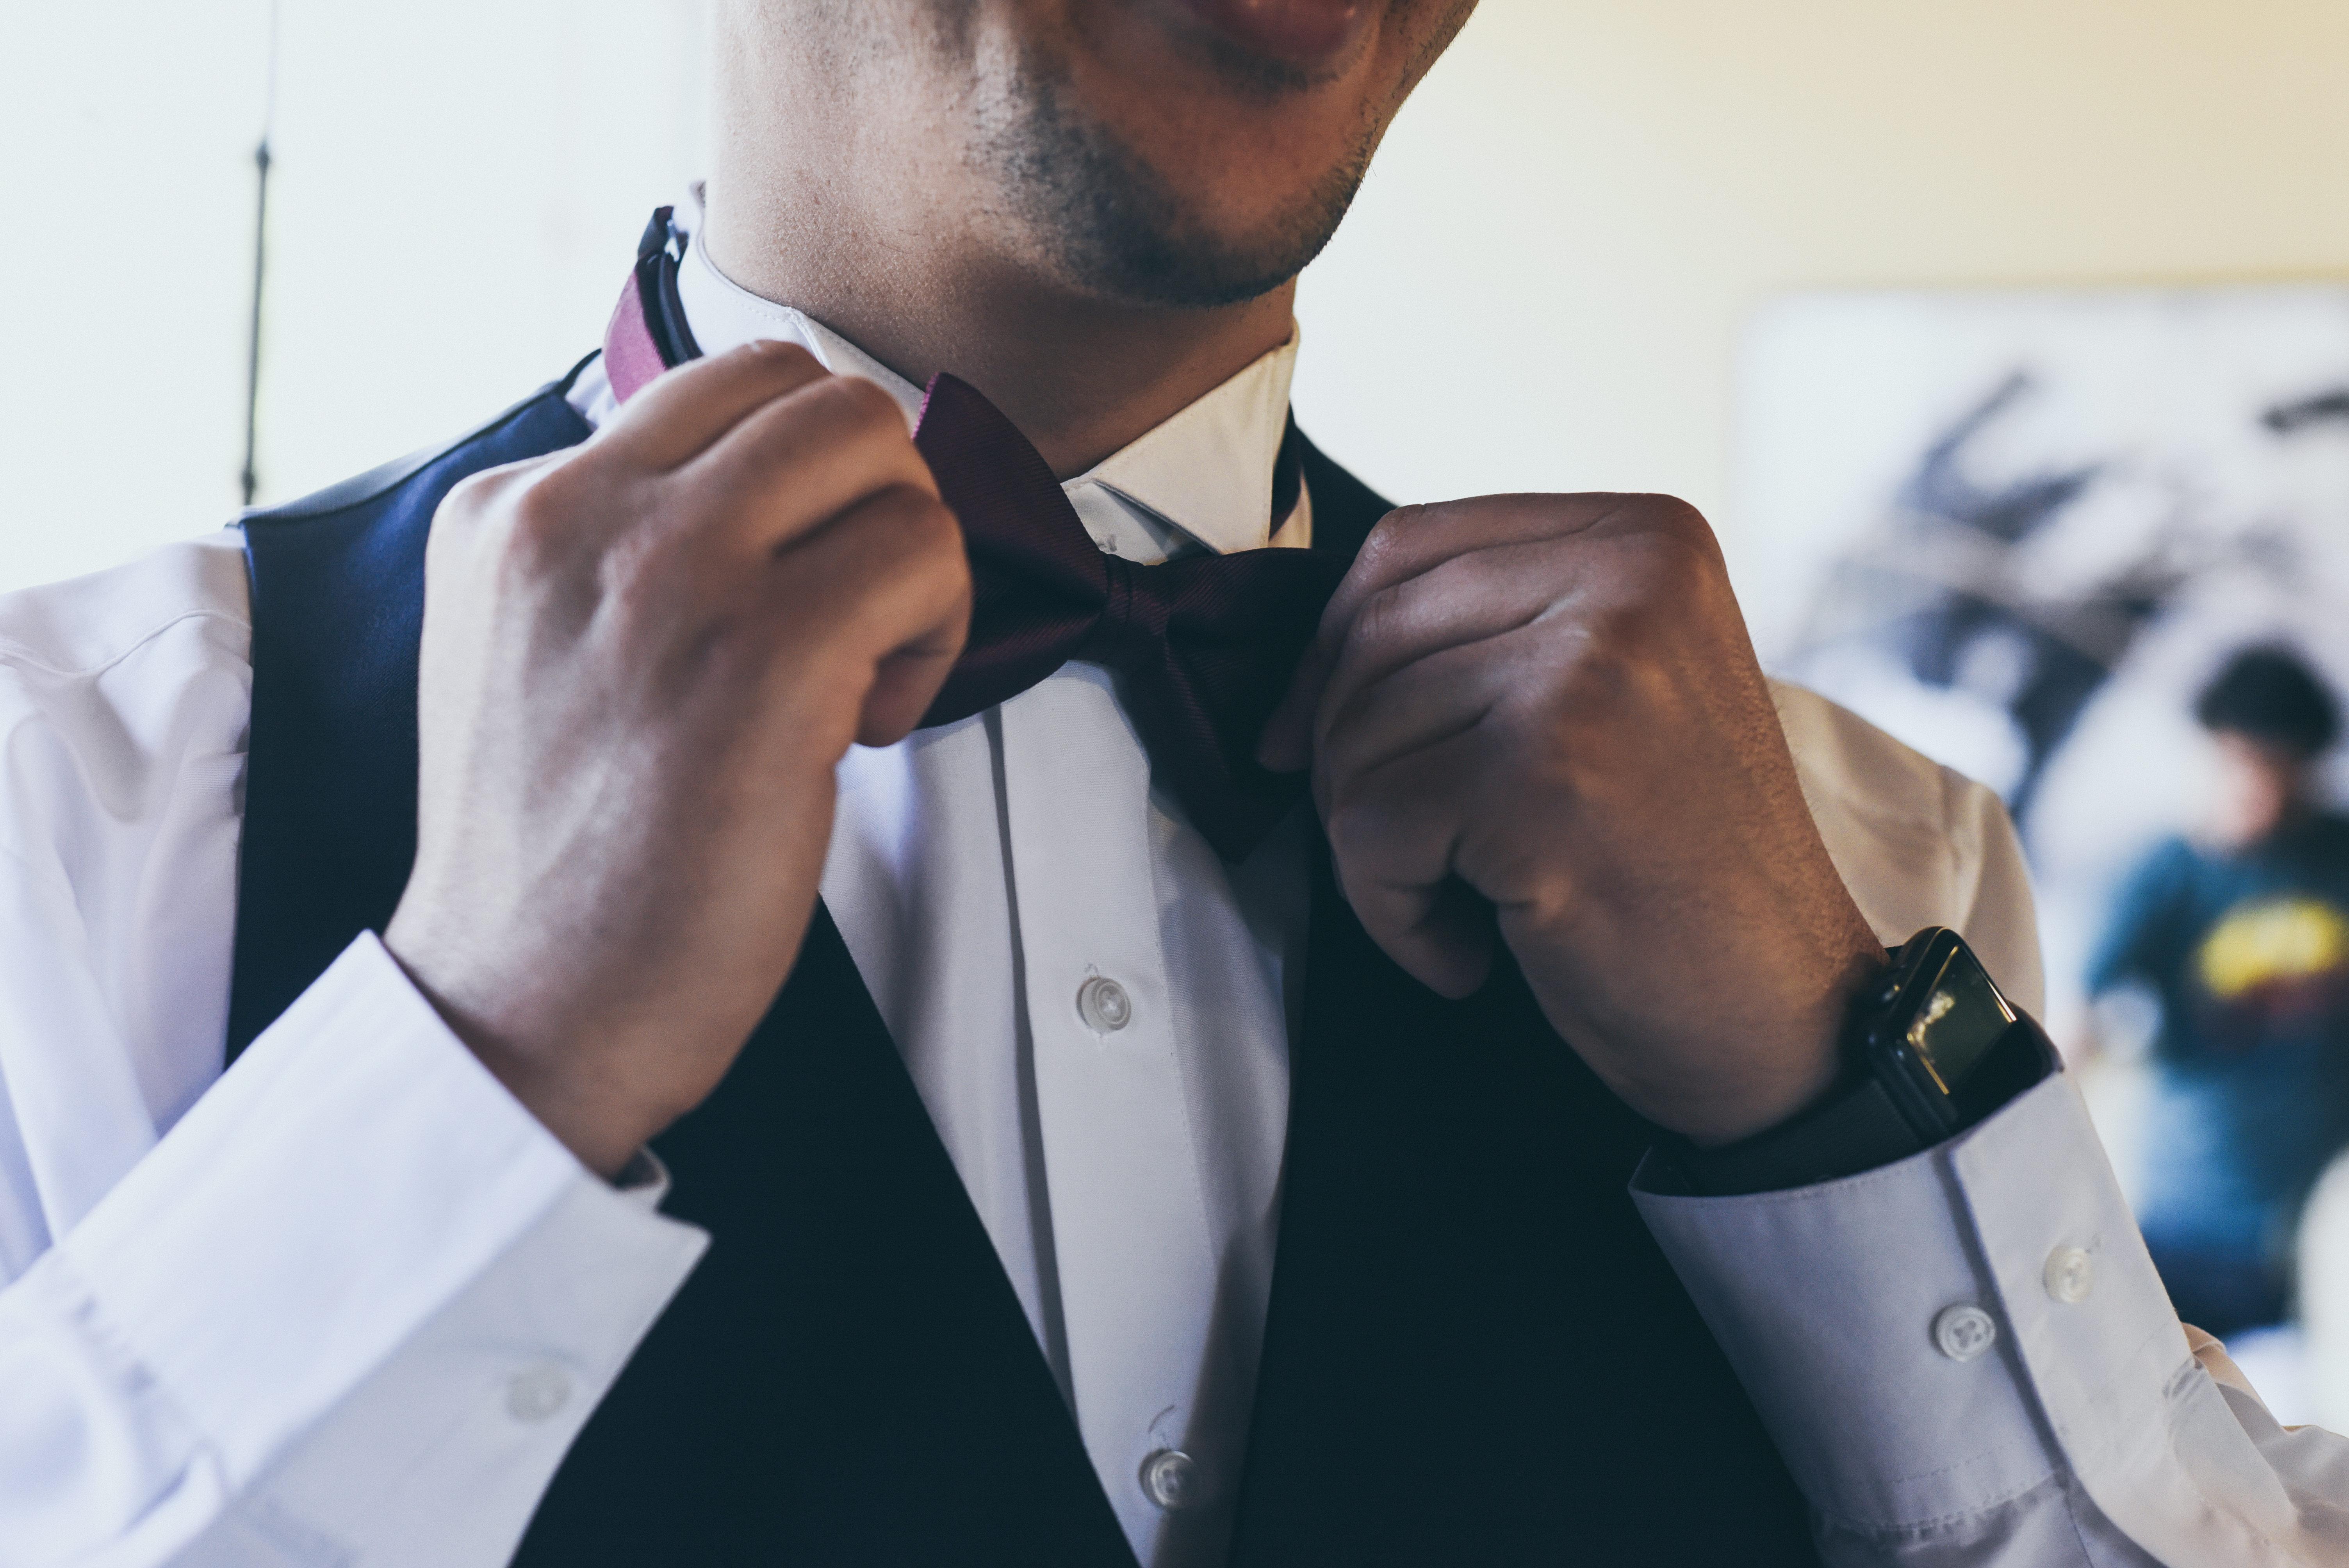 close up image of groom adjusting his tie